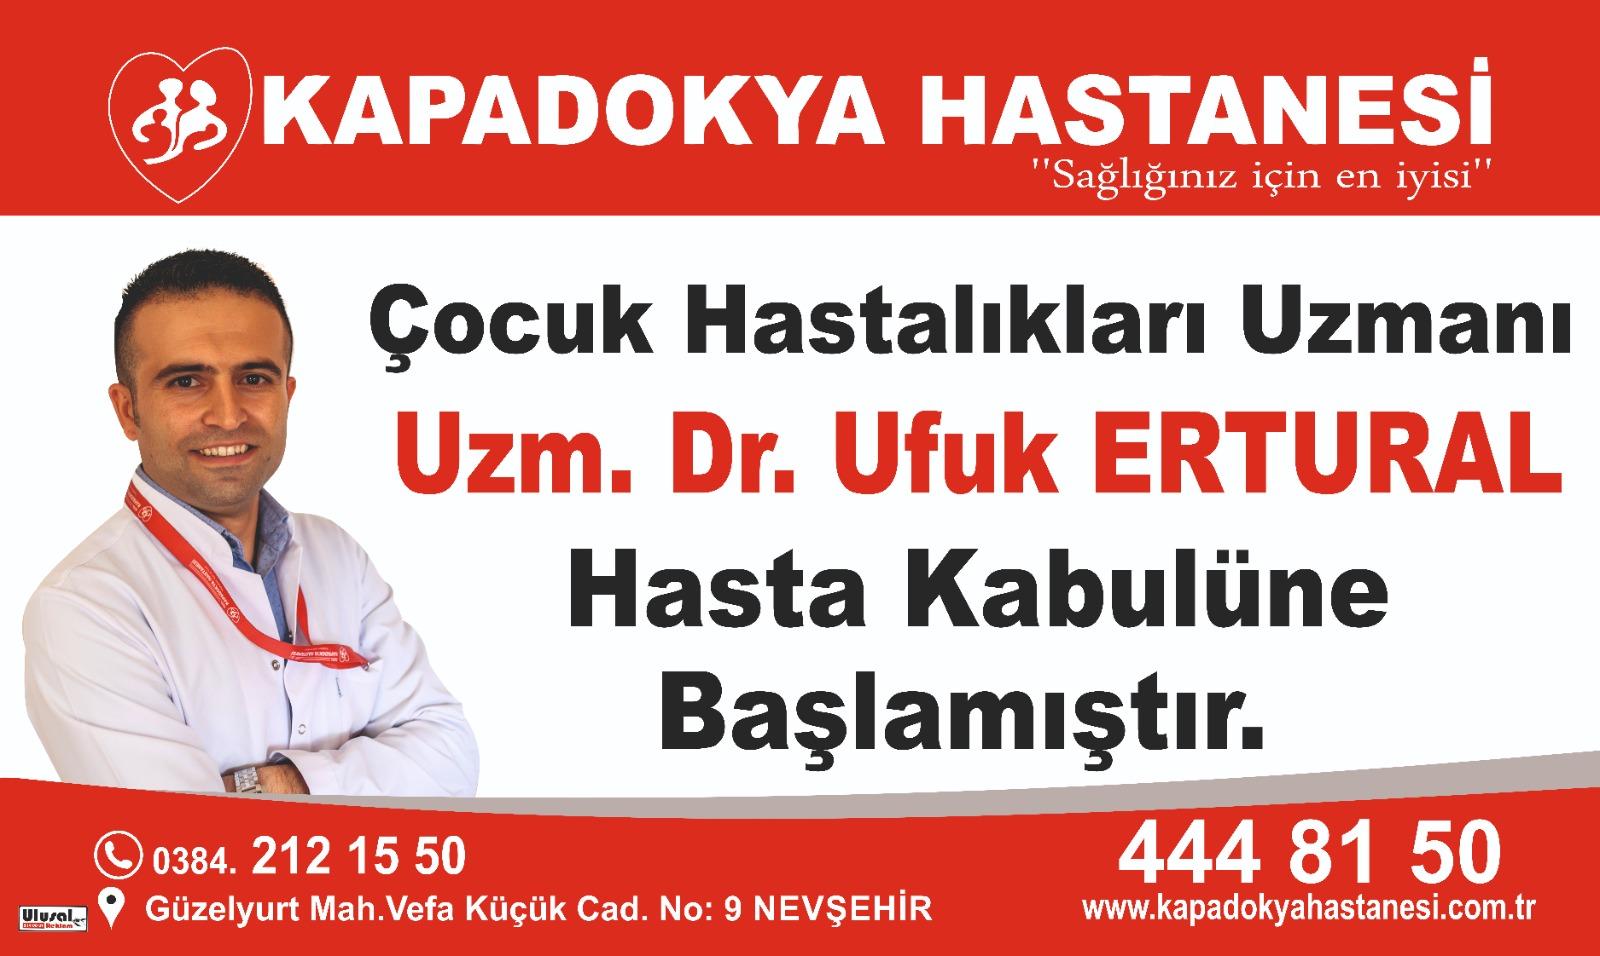 Çocuk Saglığı ve Hastalıkları Uzmanı Uzm.Dr.Ufuk Ertural hasta kabulüne başlamıştır.